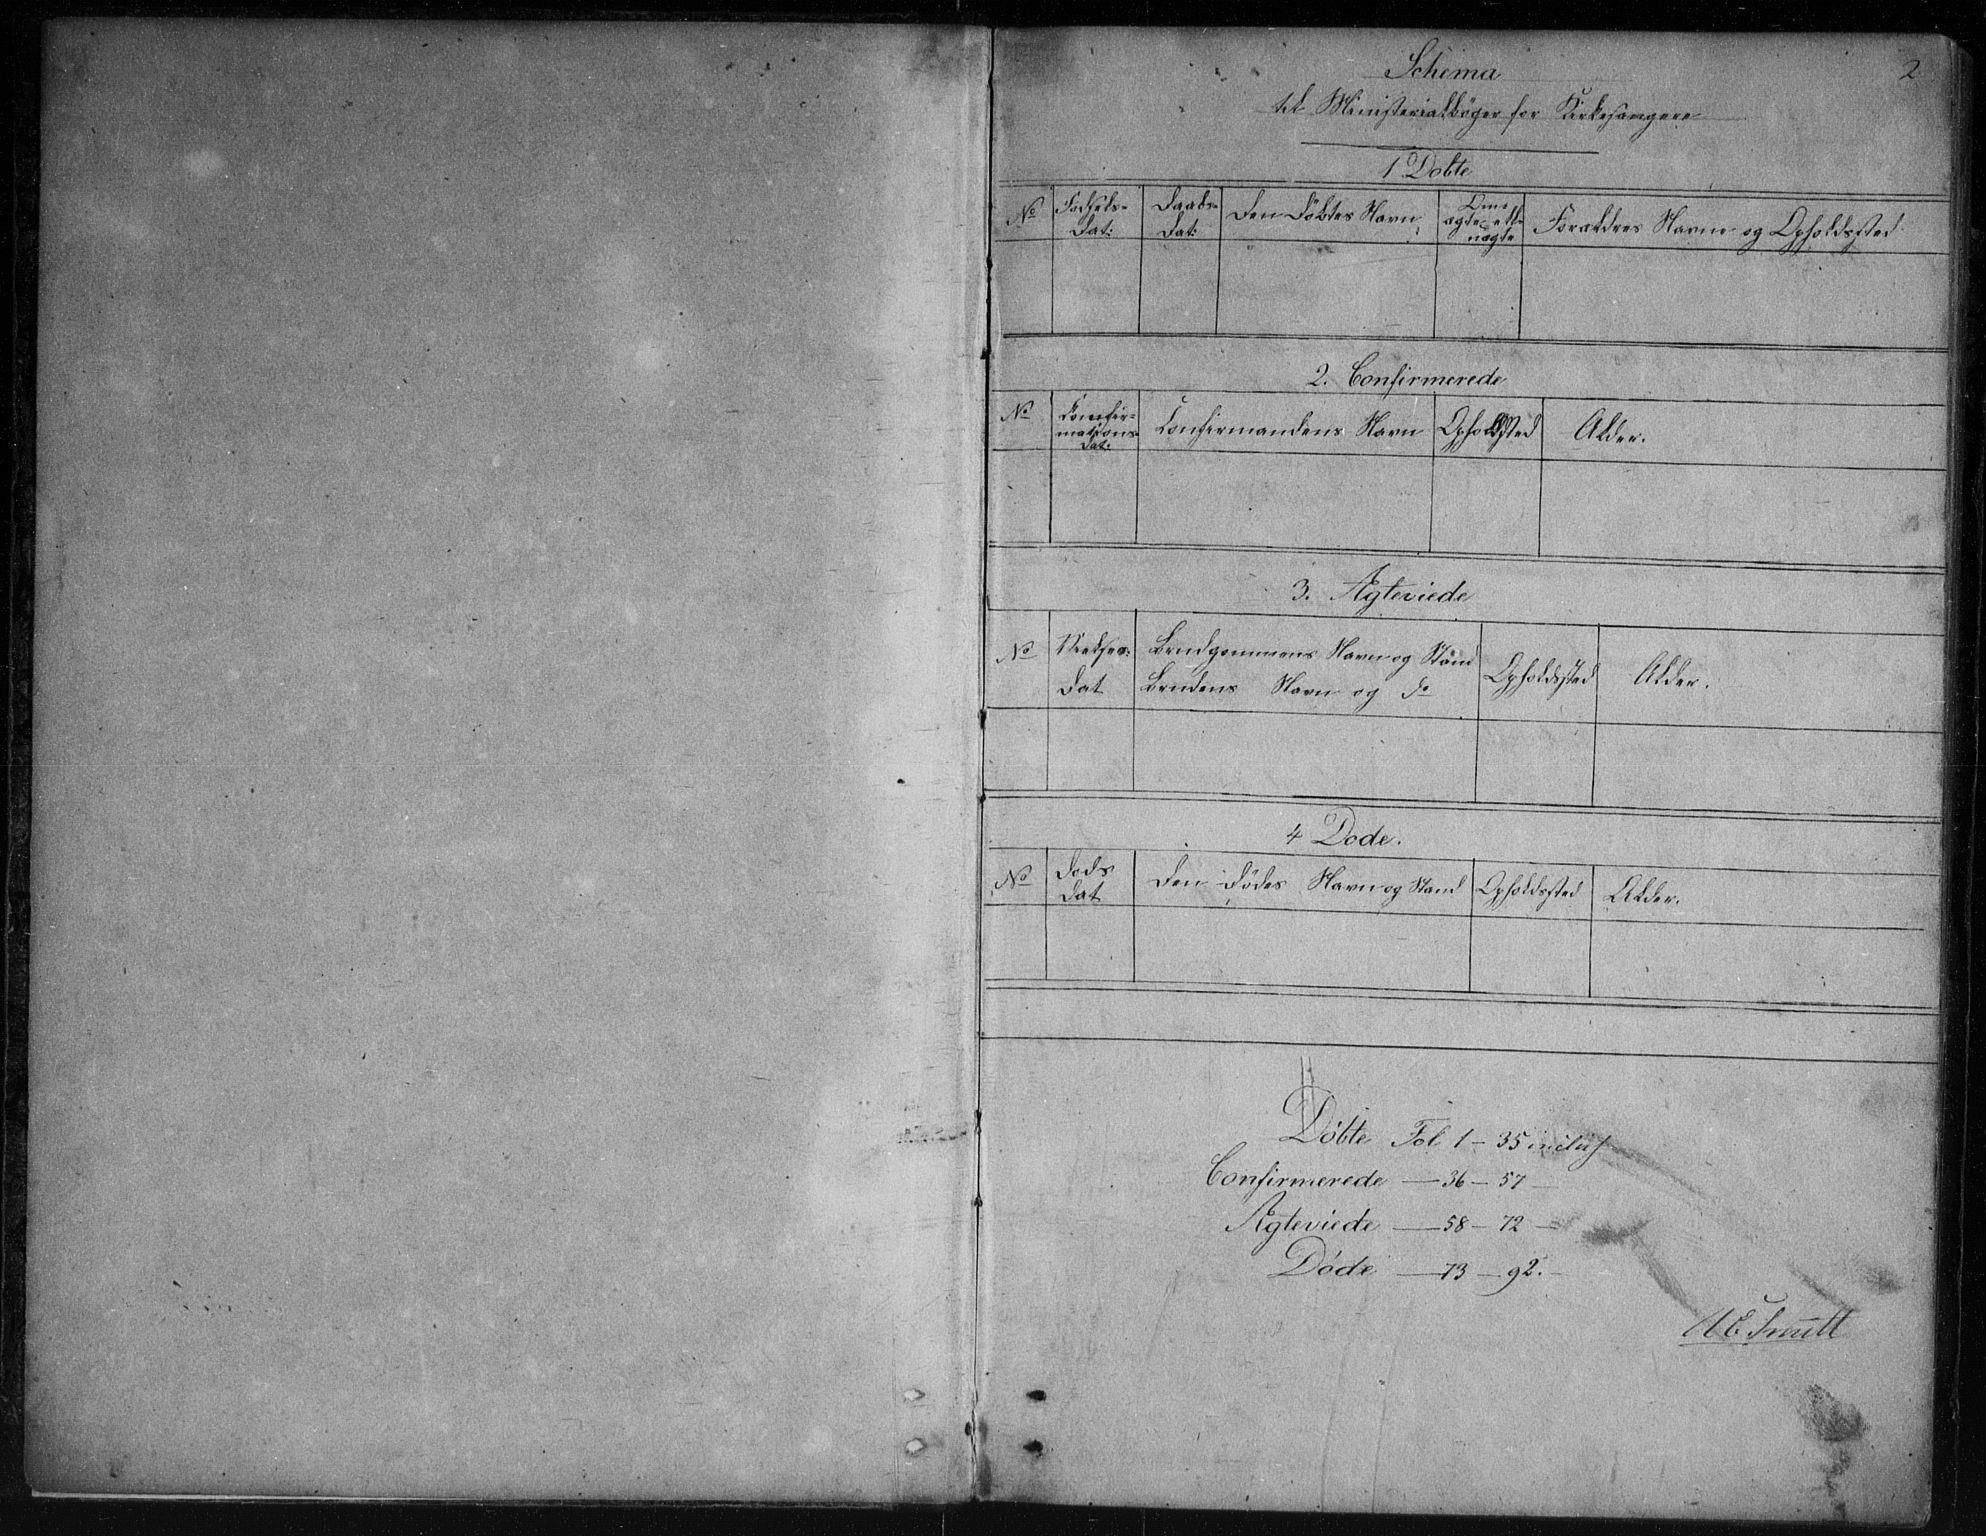 SAKO, Vinje kirkebøker, G/Gb/L0002: Klokkerbok nr. II 2, 1849-1891, s. 2